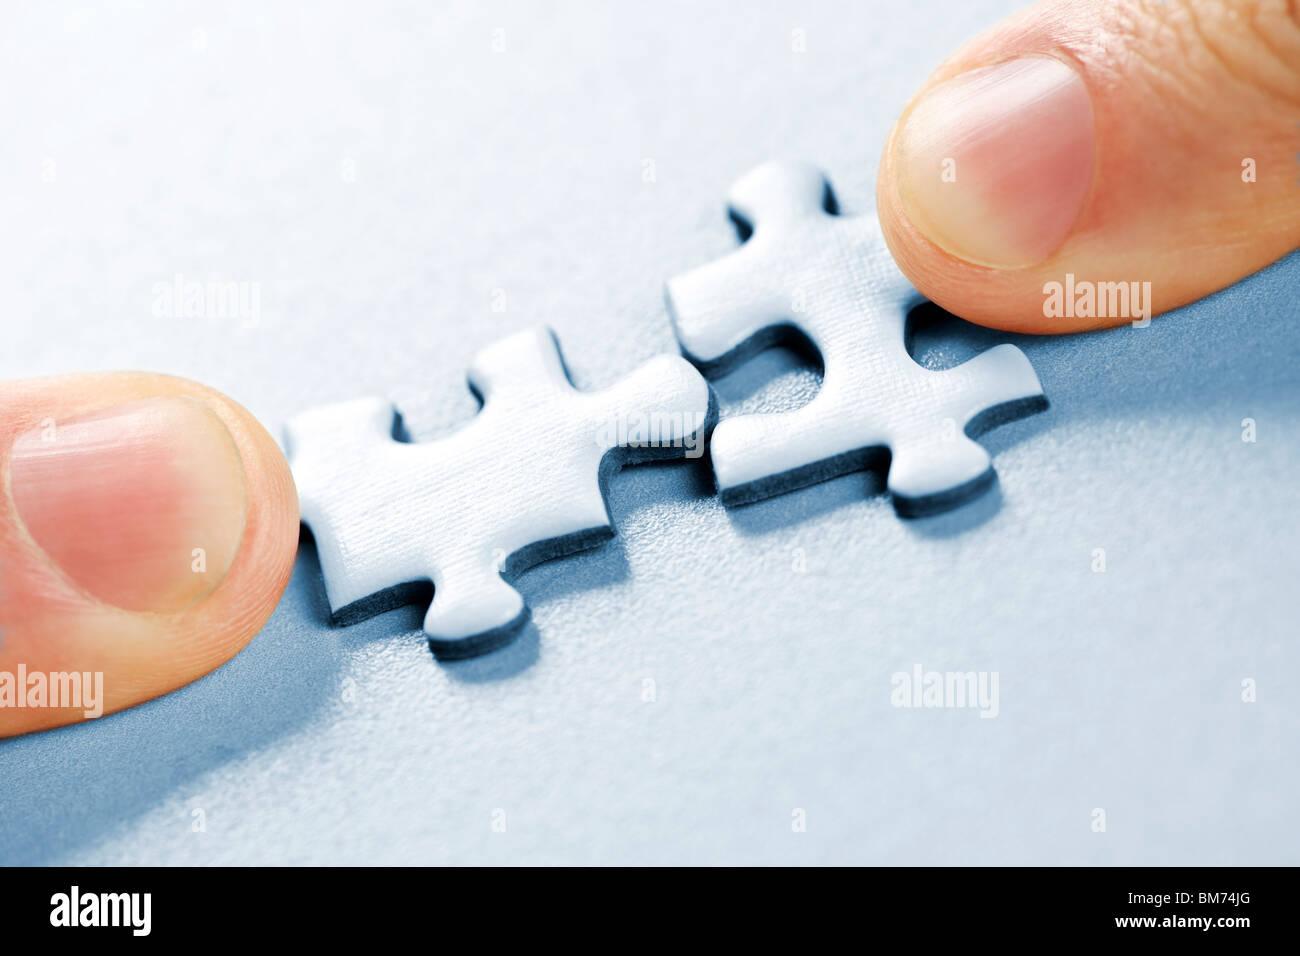 Empujando a dos dedos de un puzle coincidentes Imagen De Stock